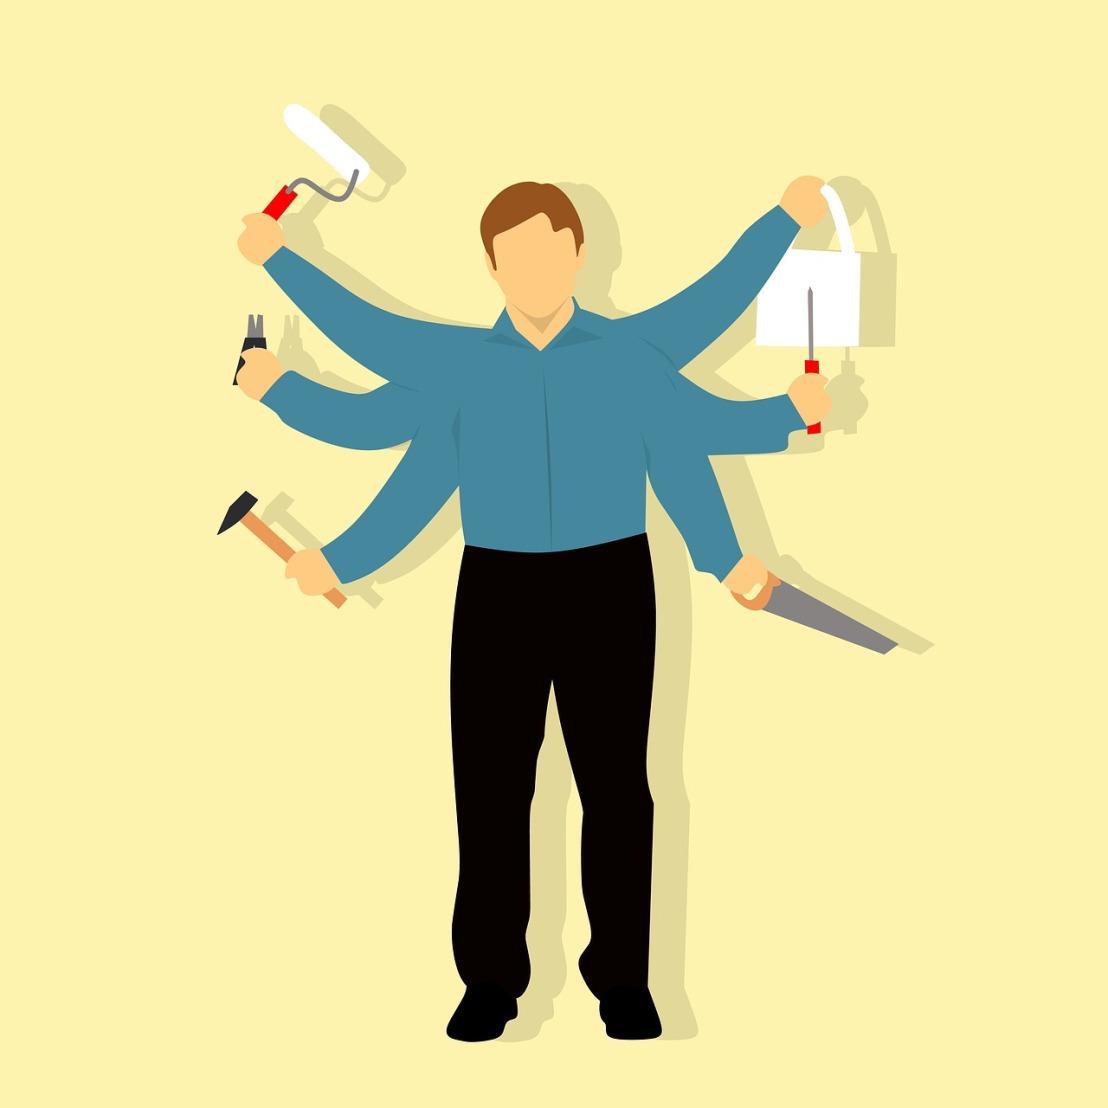 Comment porter plainte contre un artisan?